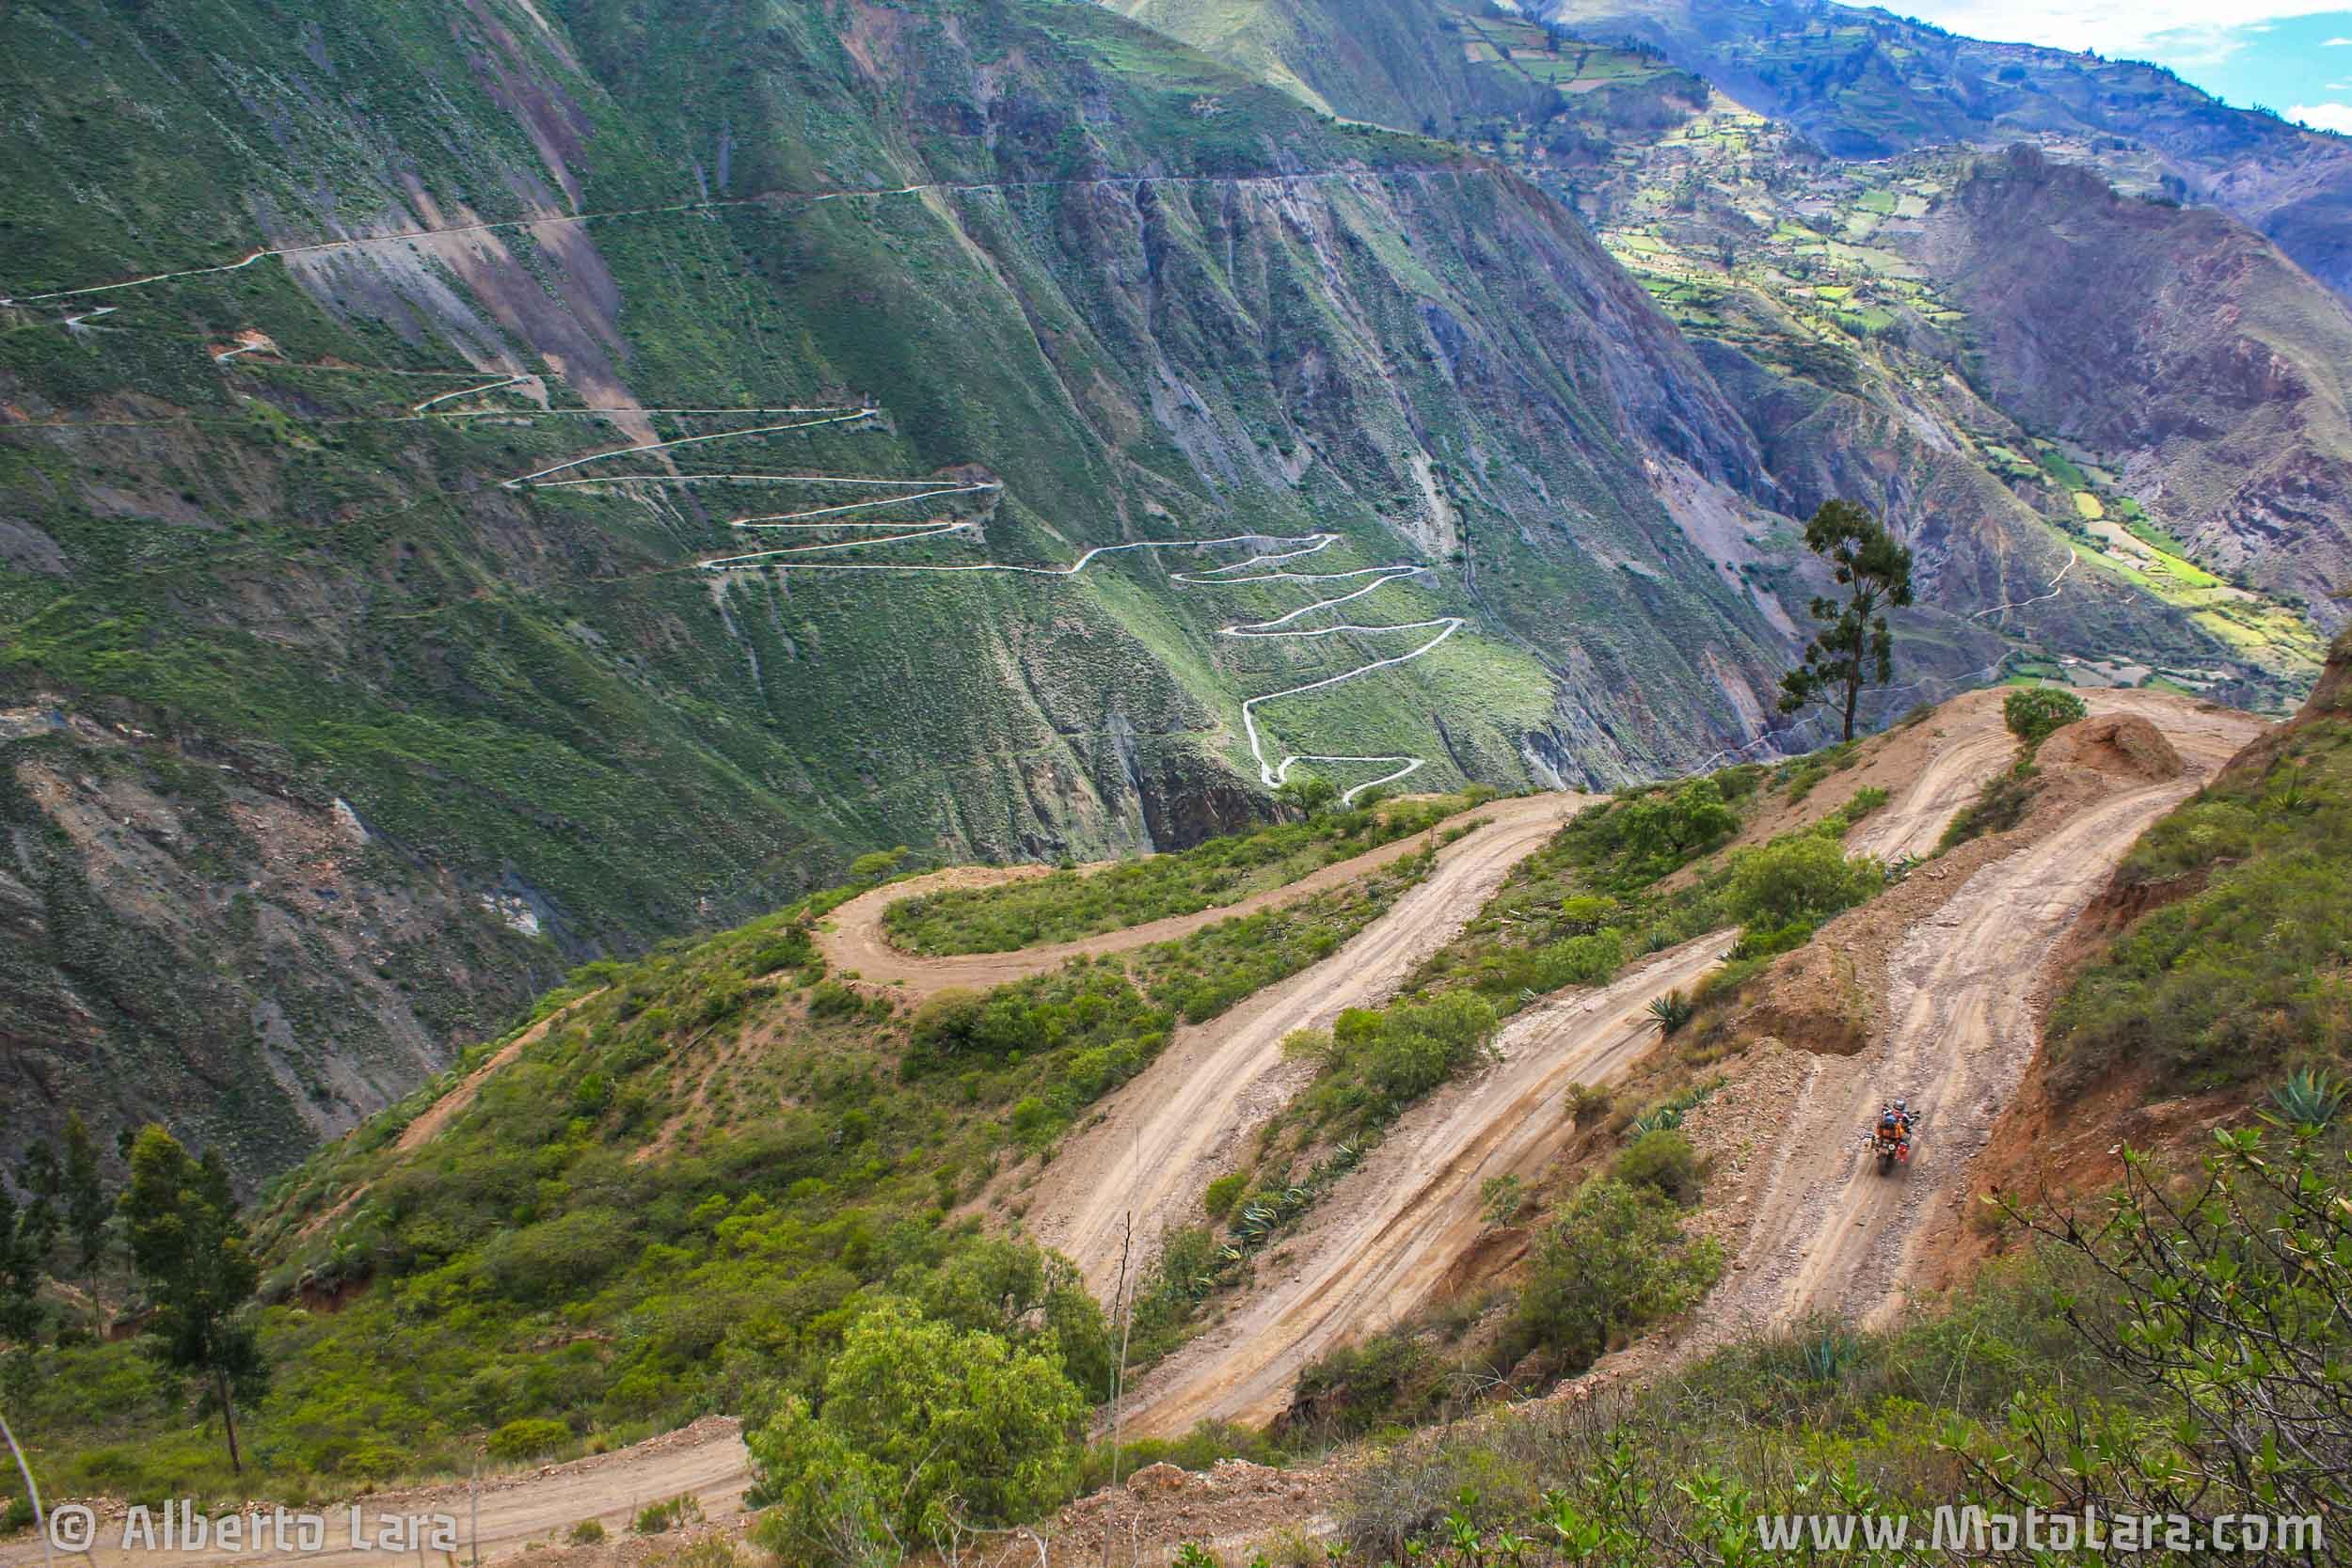 Switchbacks from Mollepata to Pallasca, La Libertad.jpg